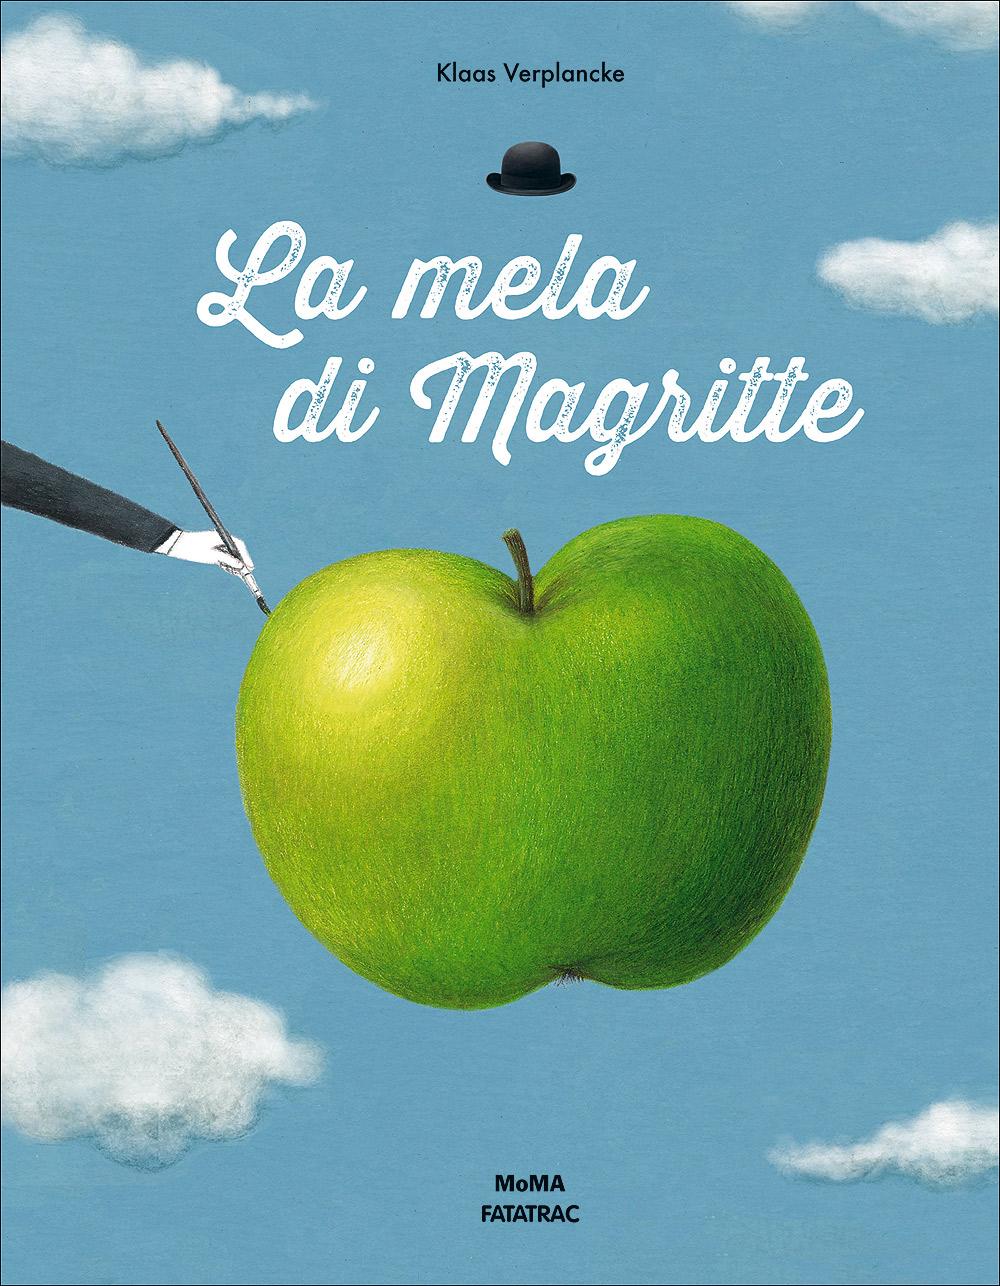 La mela di Magritte: un racconto, tre laboratori e una mostra emozionale